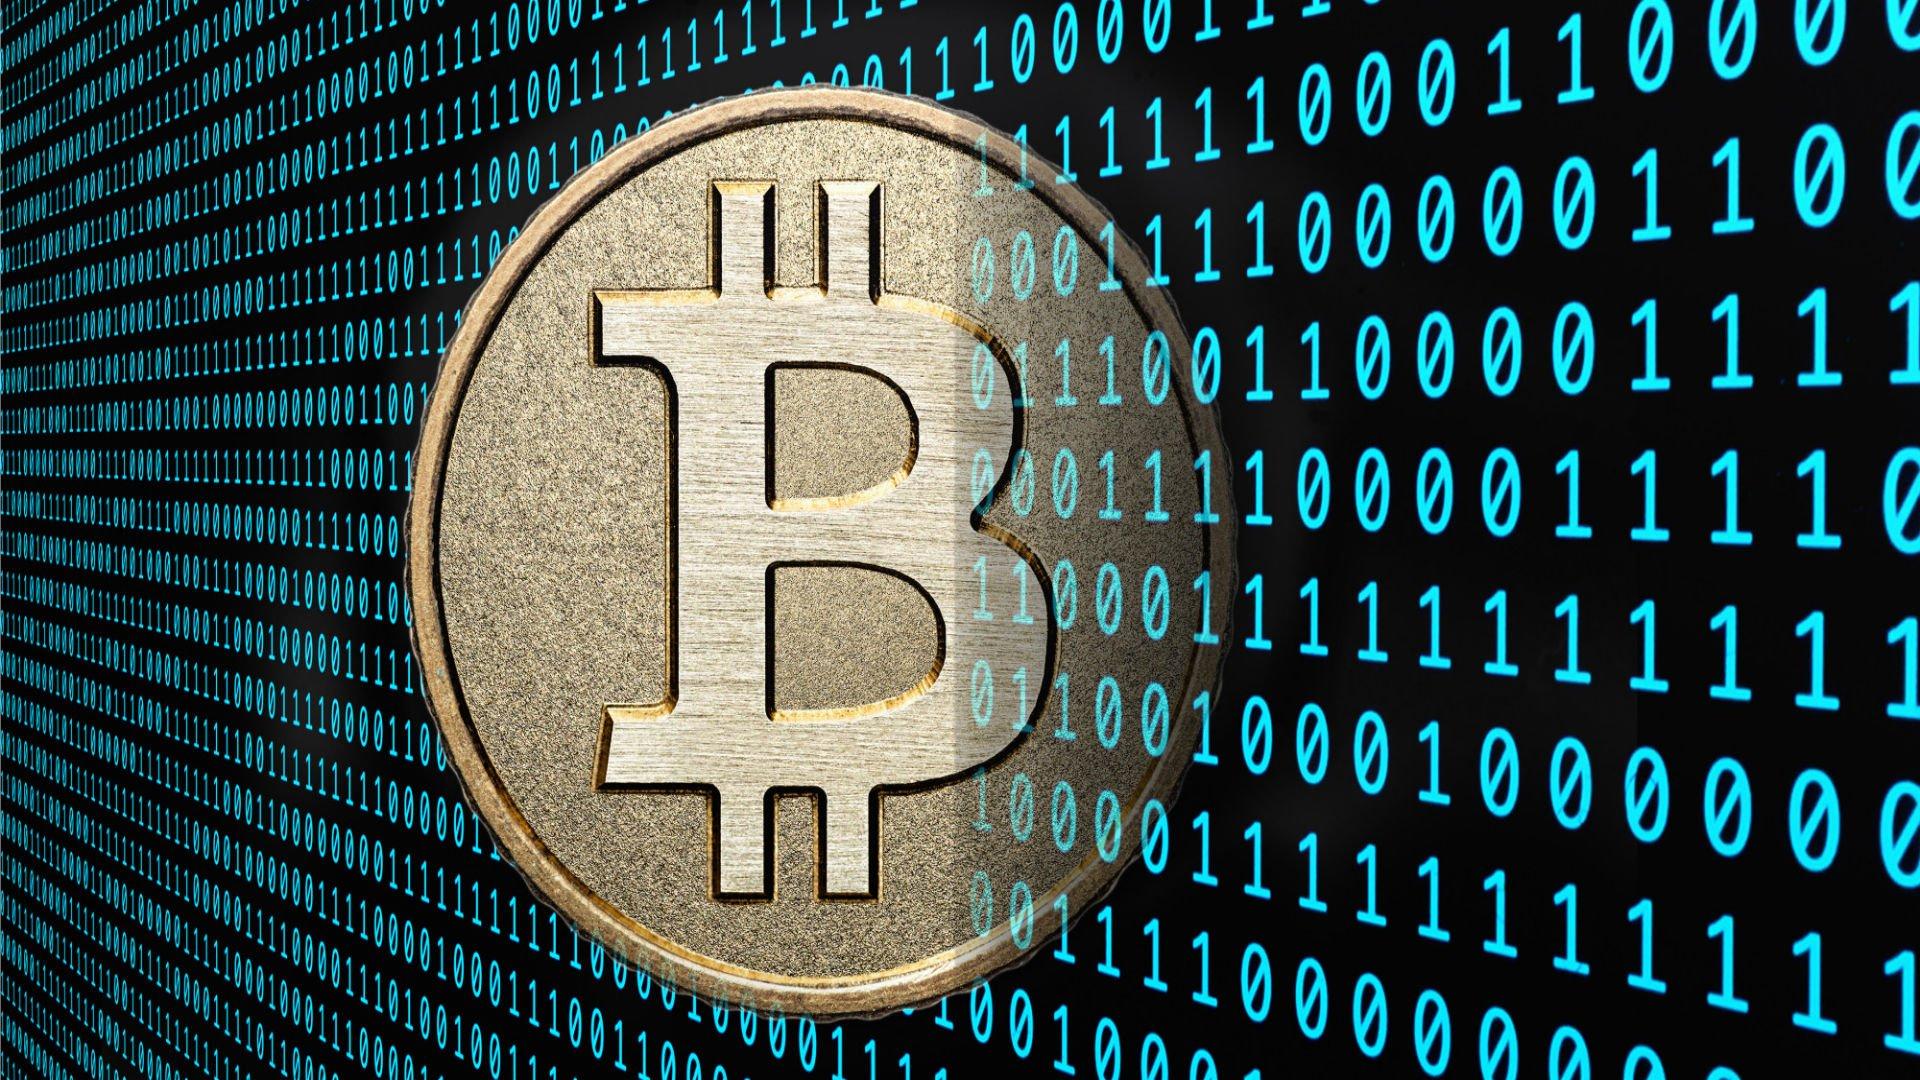 Bitcoin Wallpaper 24   1920 X 1080 stmednet 1920x1080